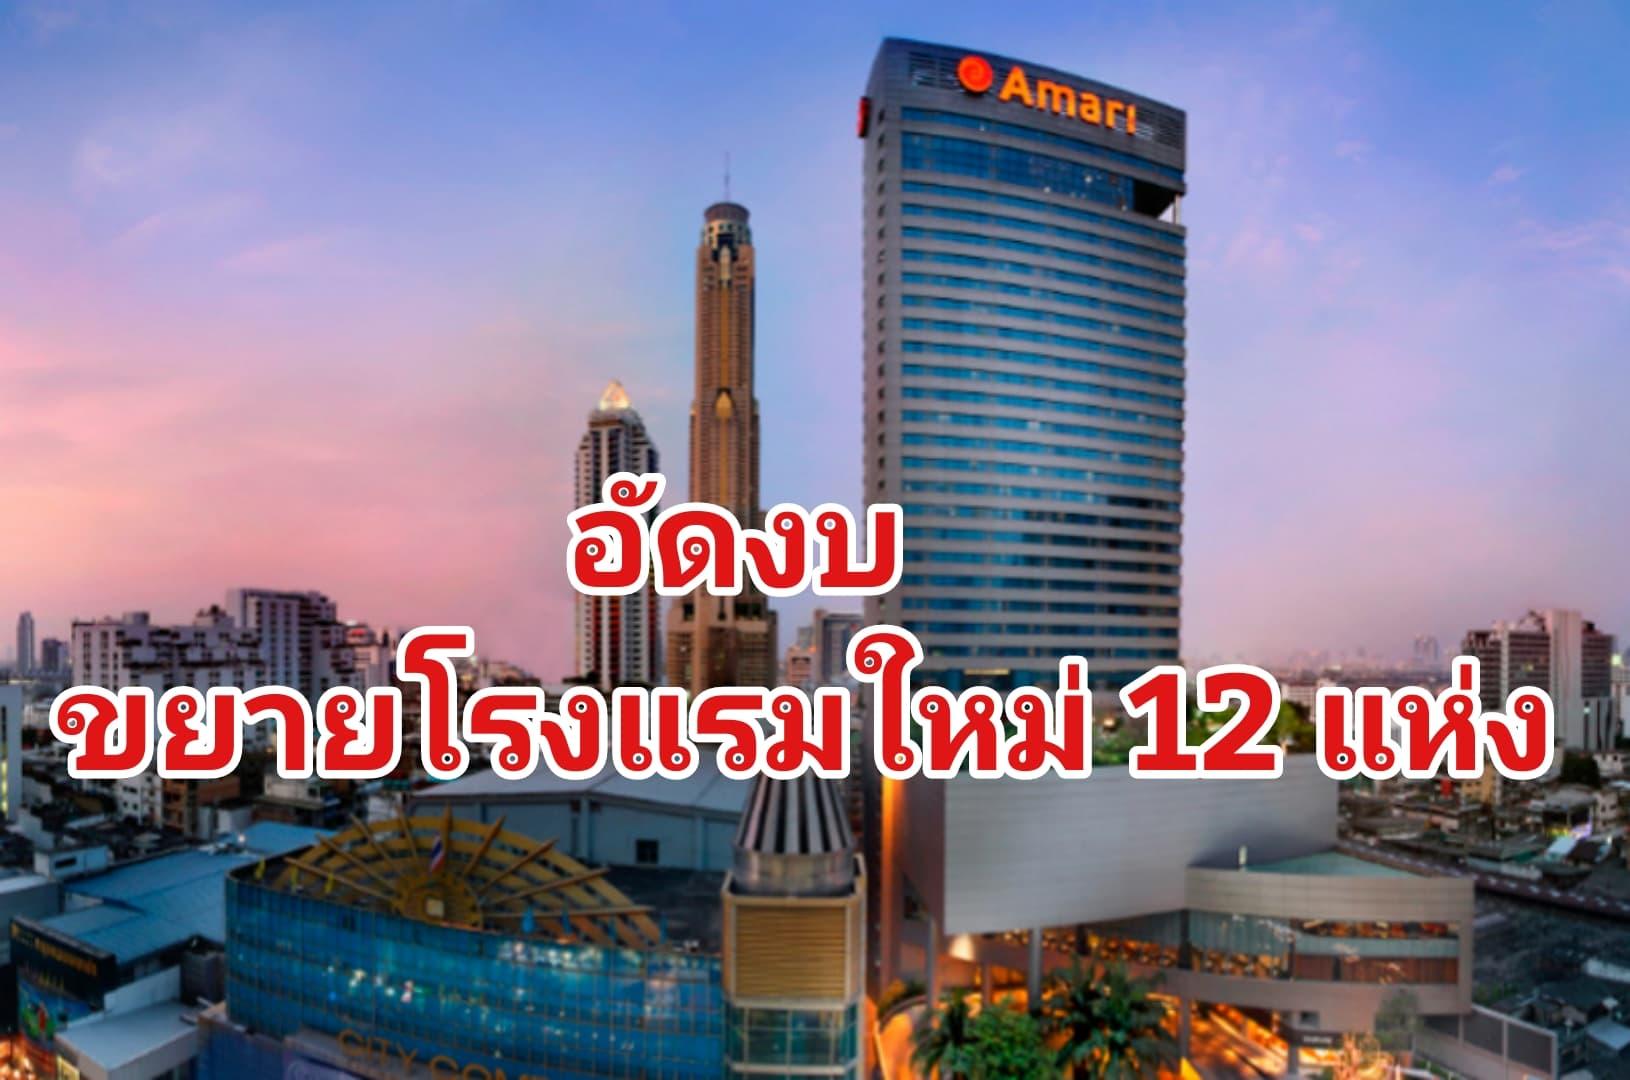 """กลุ่มบริษัทอิตัลไทยเร่งแผนฟื้น """"ท่องเที่ยว–บริการ"""" เดินหน้าลงทุนขยายโรงแรมใหม่ 12 แห่ง เสริมทัพ """"ก่อสร้าง–เครื่องจักรกล"""" ฝ่ามรสุมโควิด-19"""